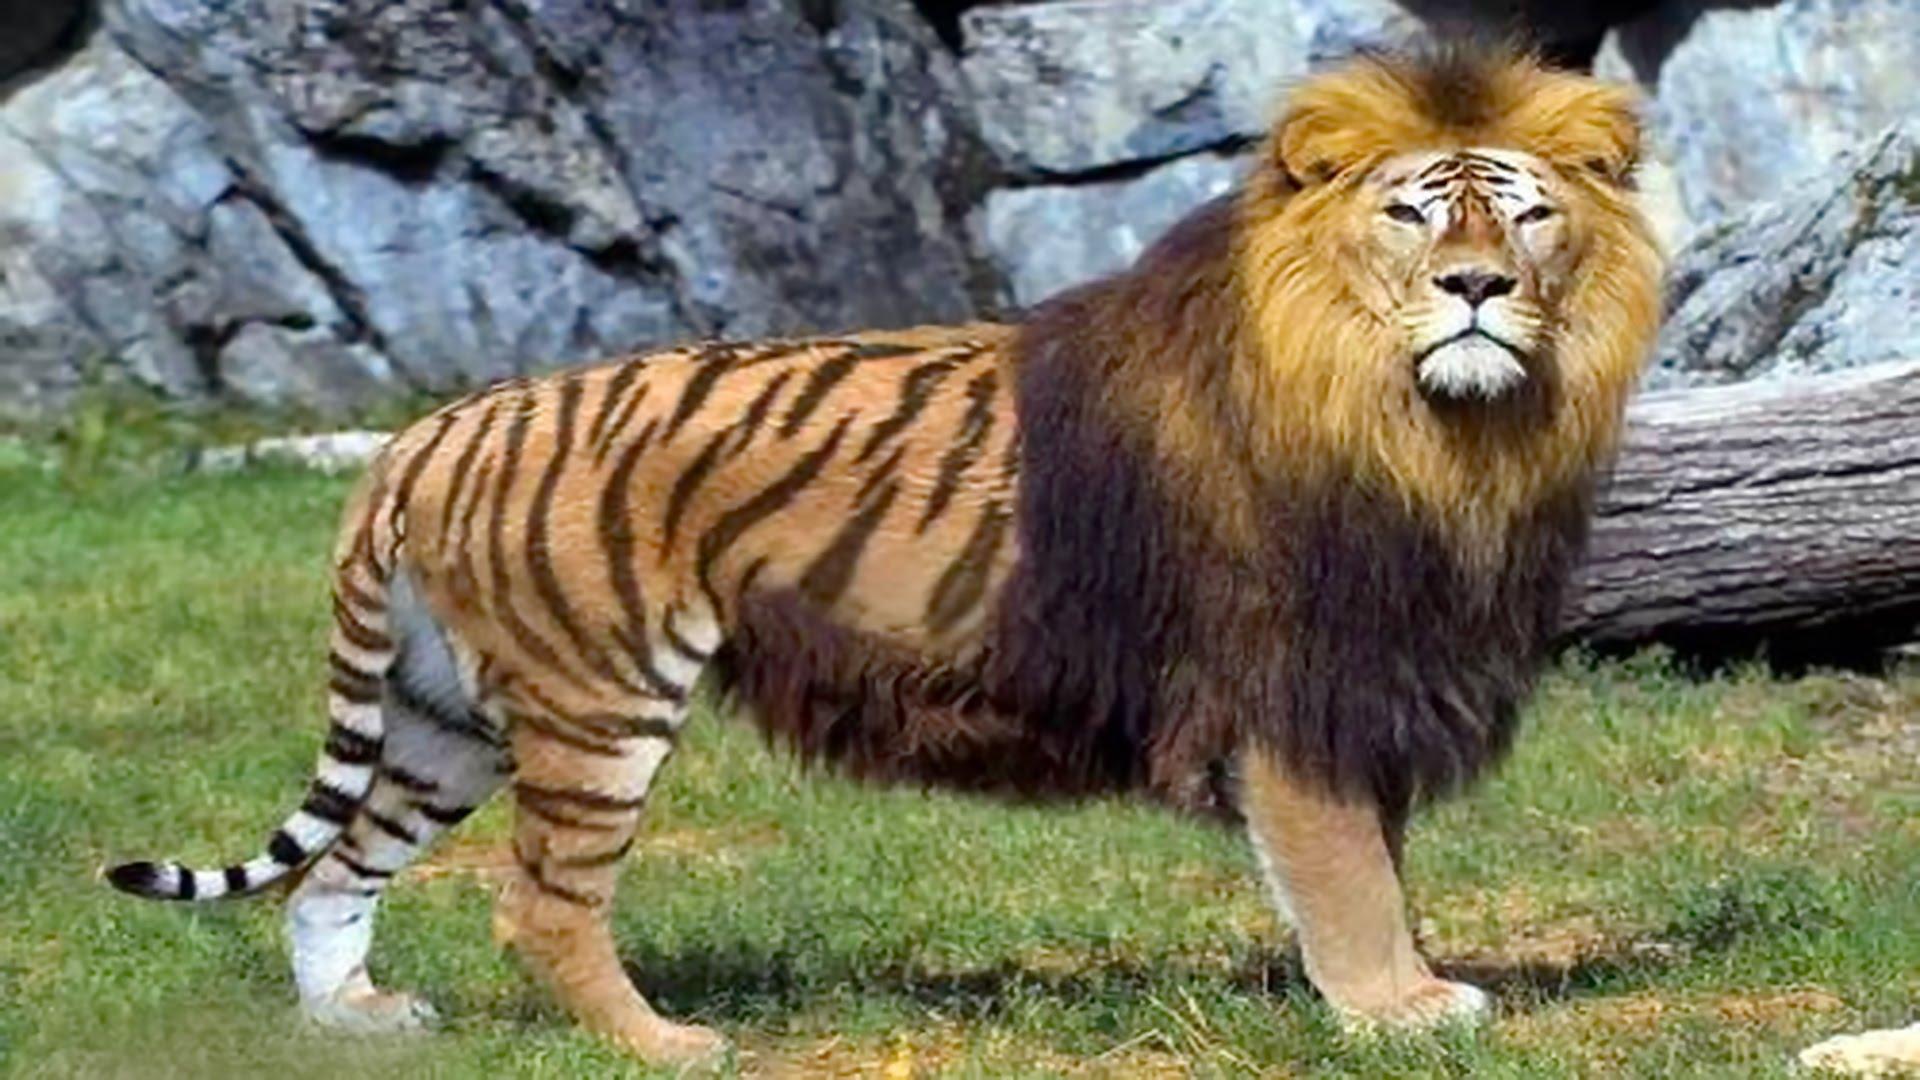 بالصور اغرب الحيوانات , اعجب صور الحيوانات 744 4